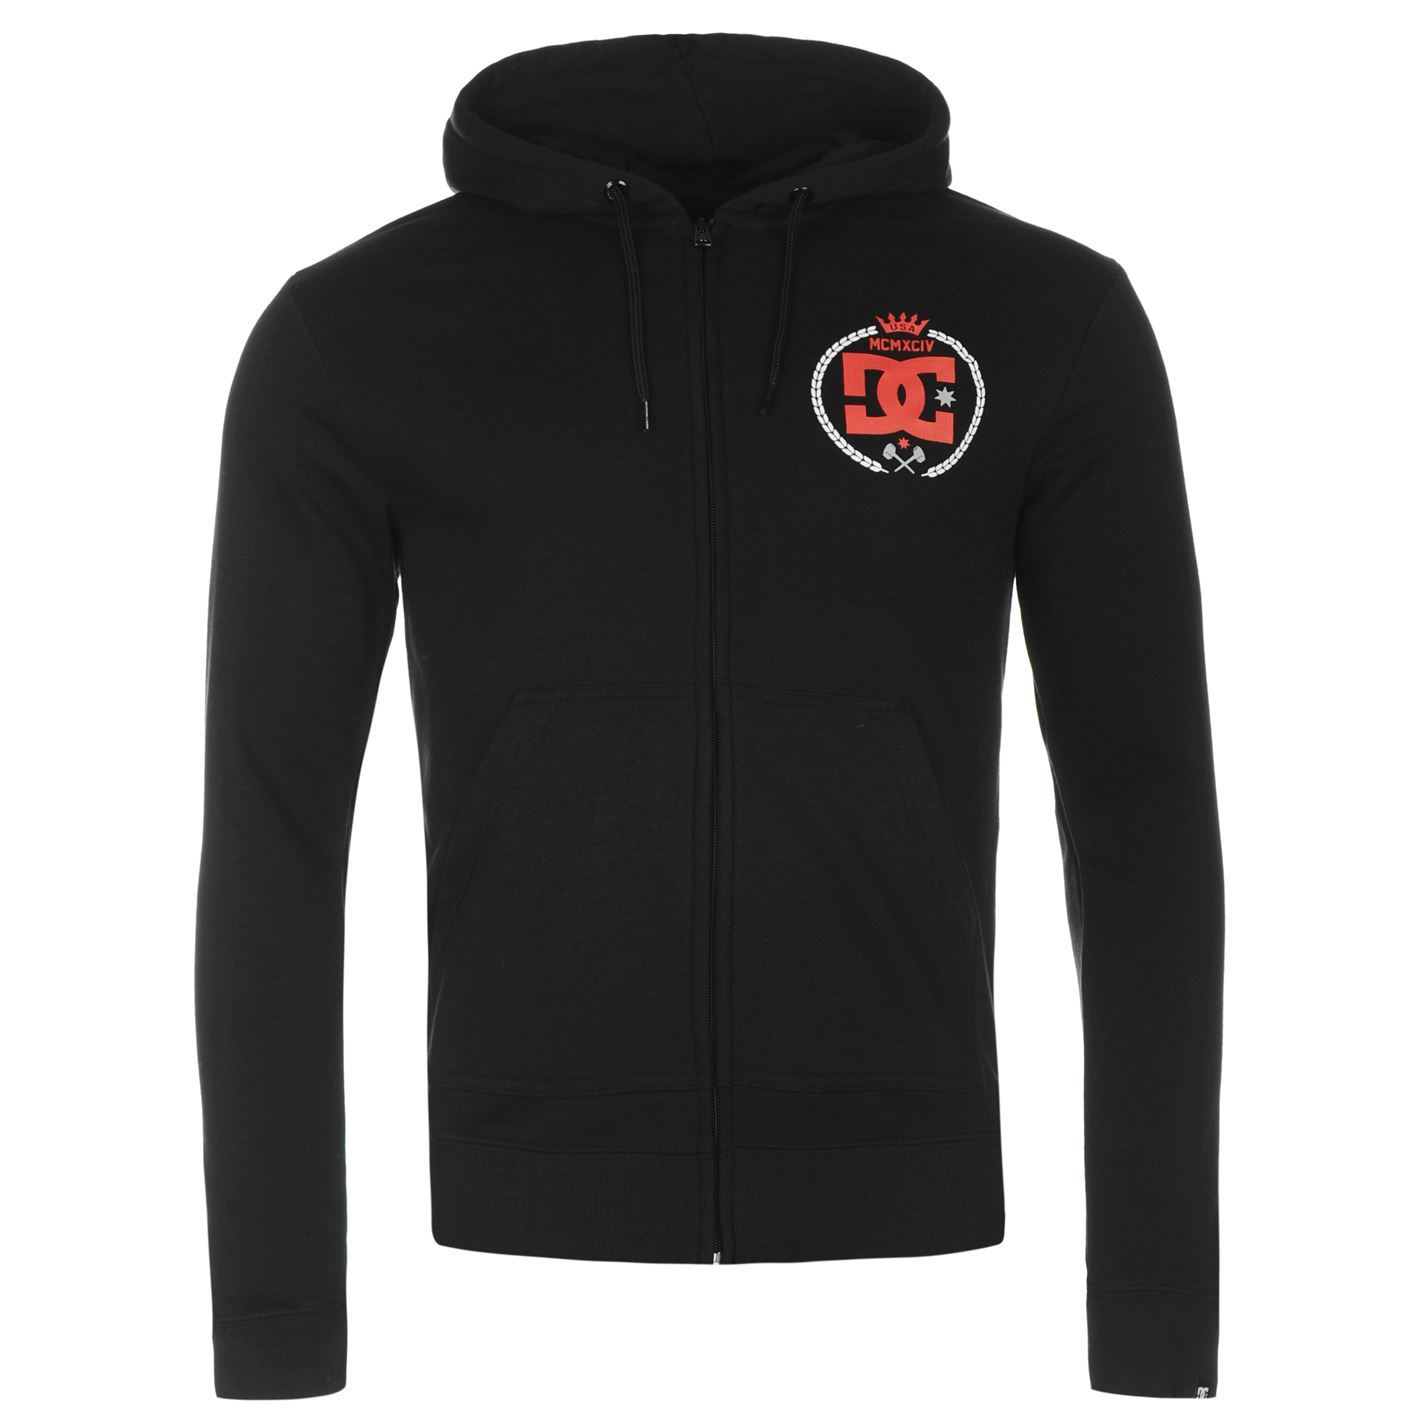 DC-Shoe-Co-Sledge-Full-Zip-Hoody-Jacket-Mens-Hoodie-Sweatshirt-Sweater-Top thumbnail 6